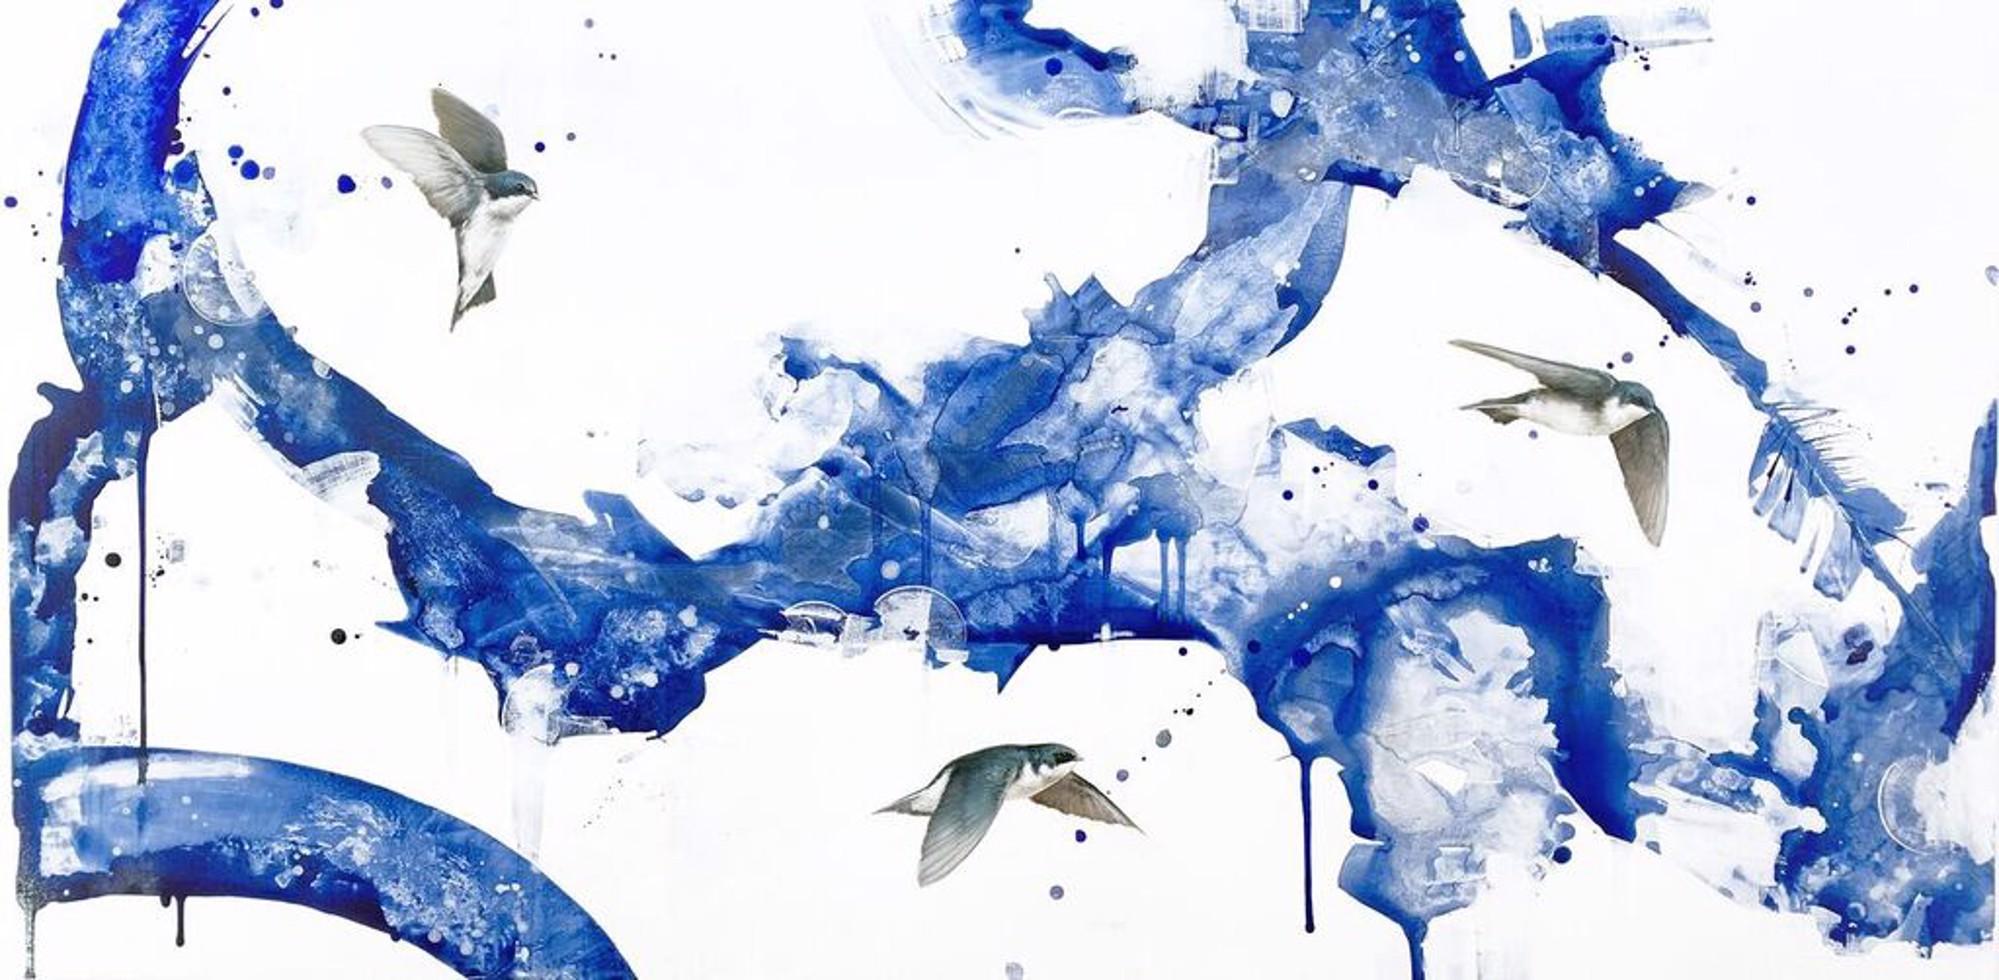 Migration by Jessica Pisano